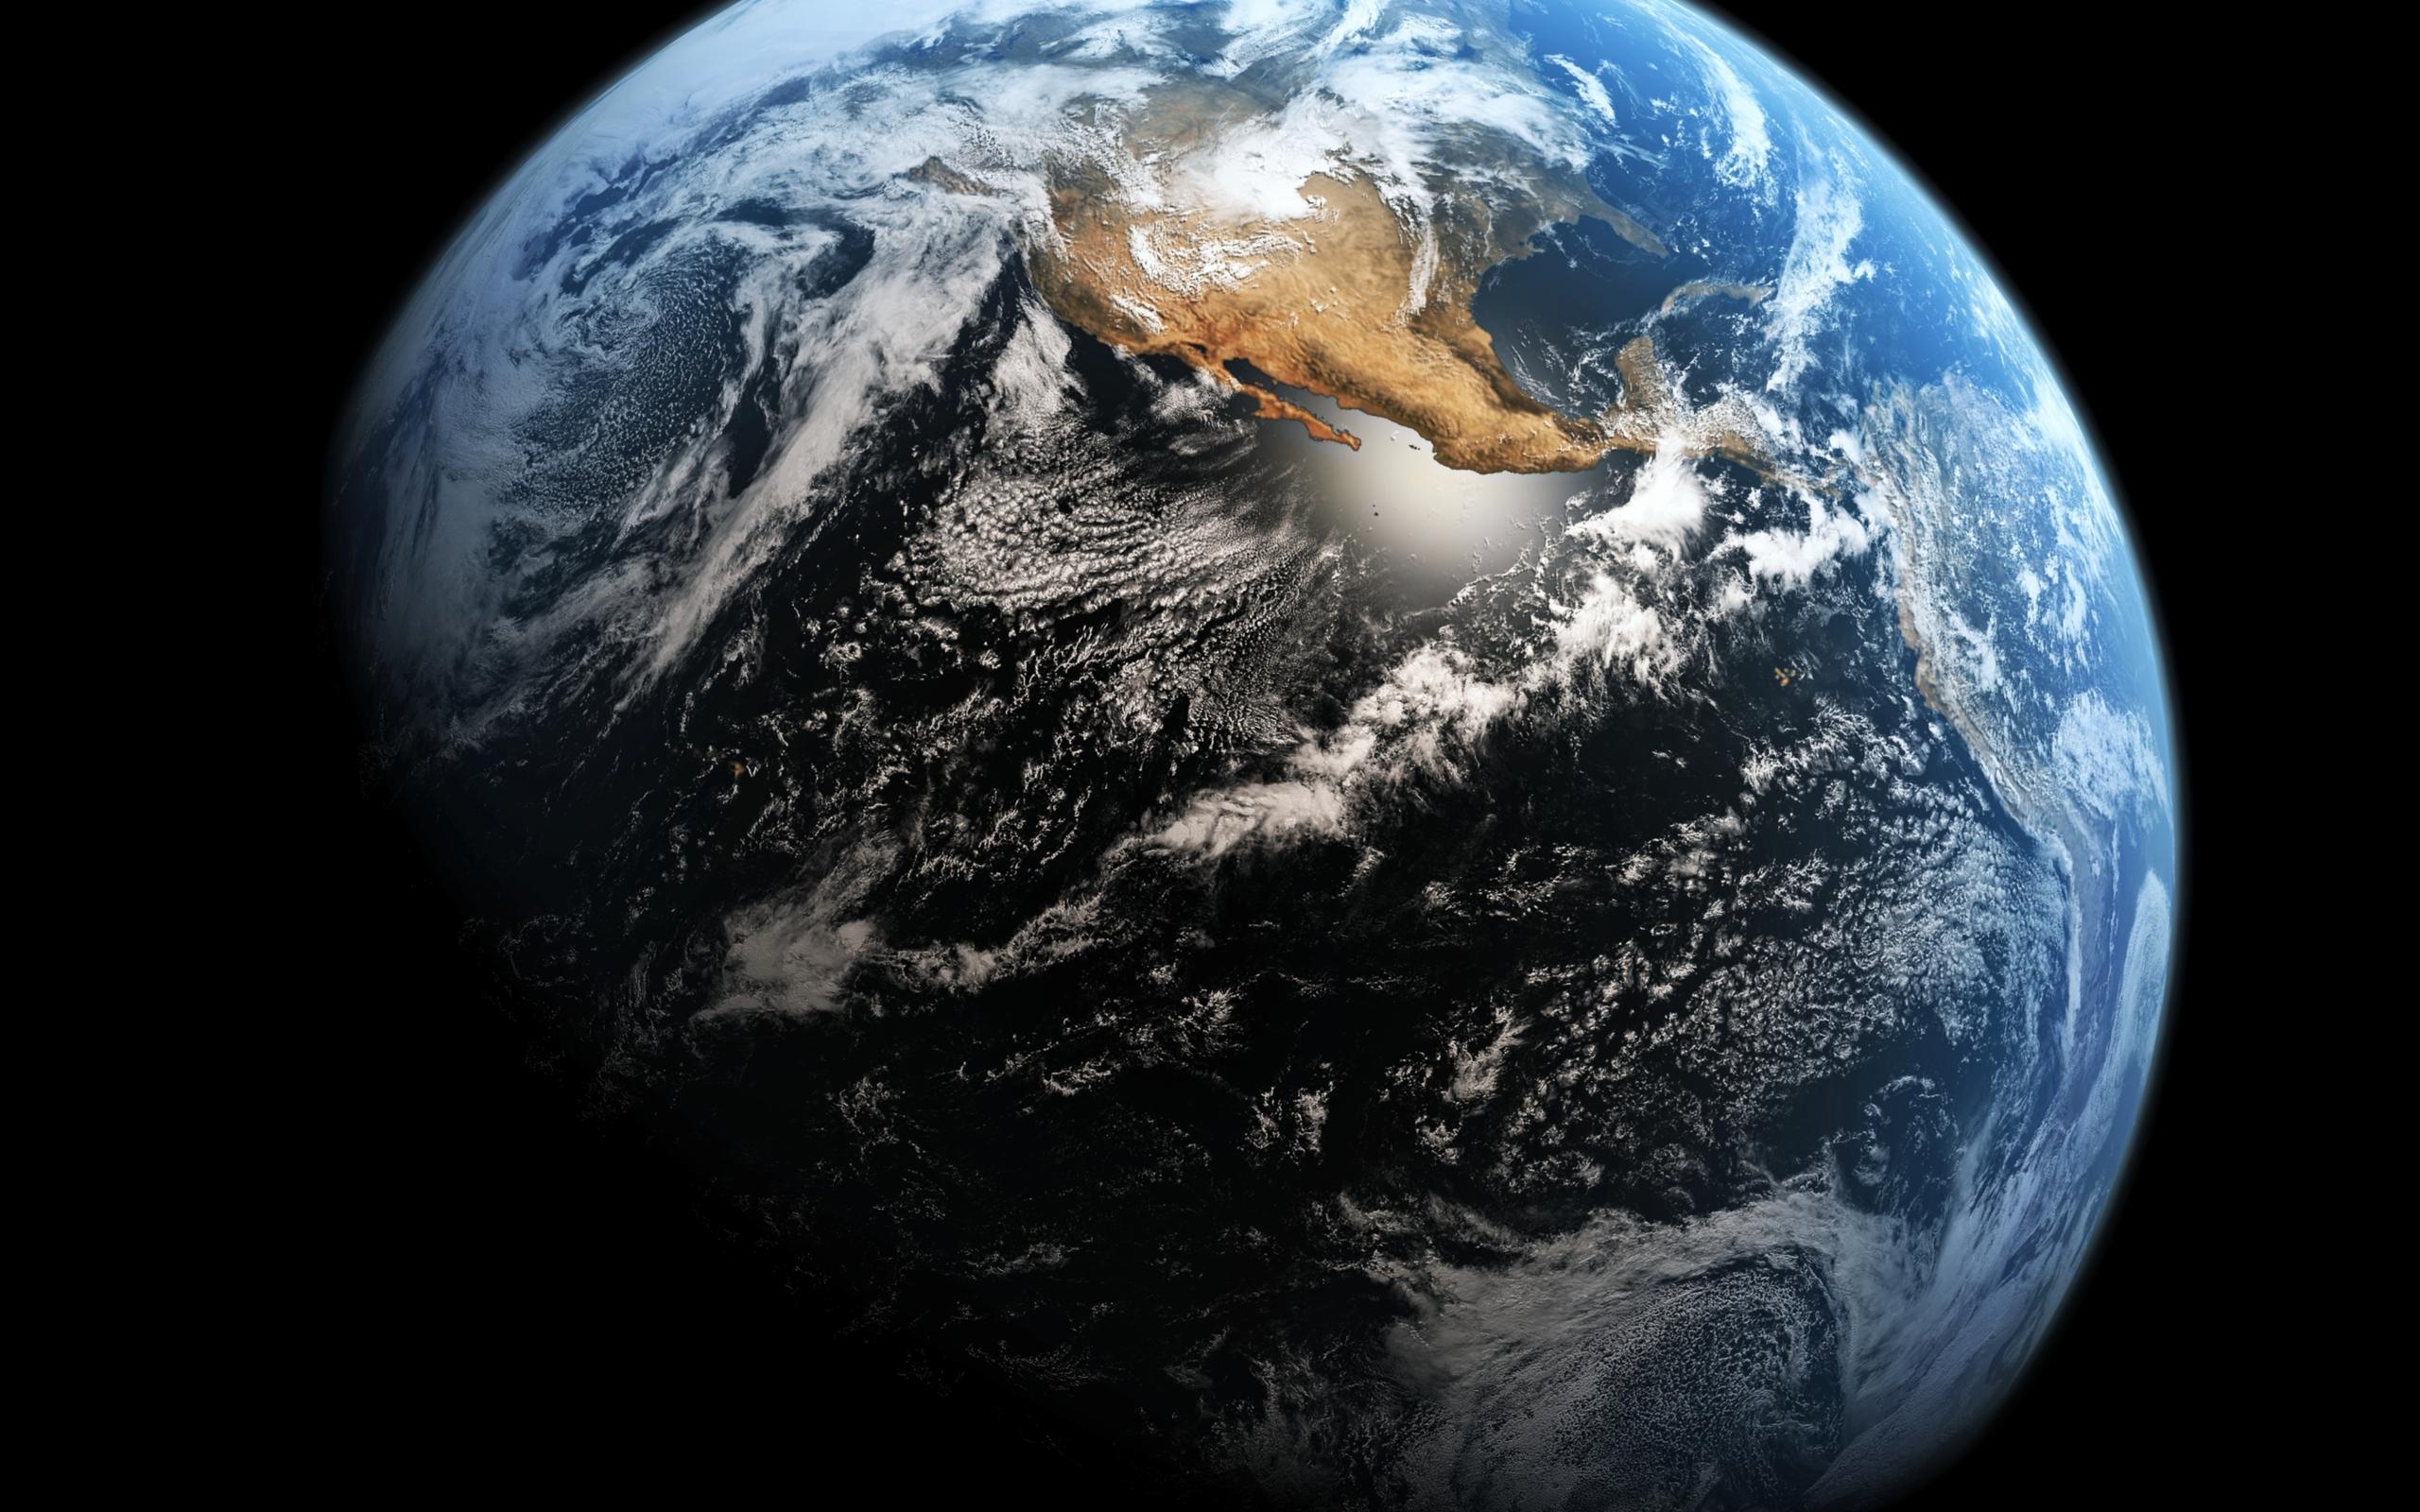 Fotos de satelites orbitando la tierra 87